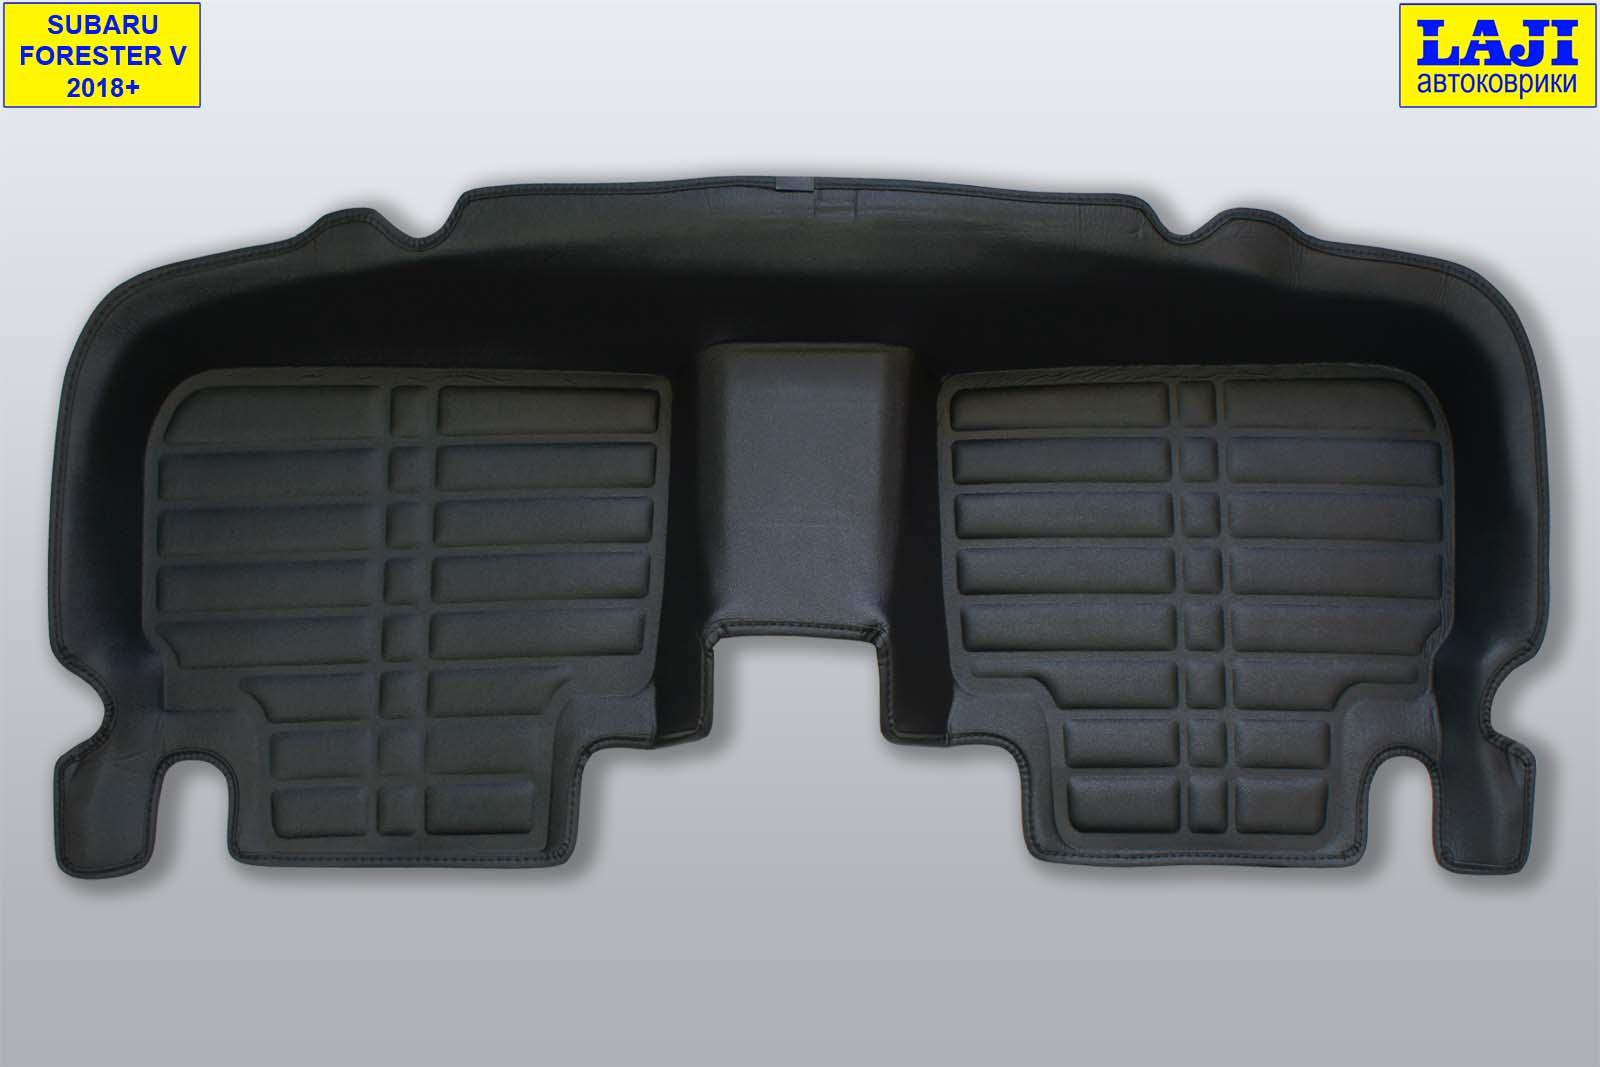 5D коврики в салон Subaru Forester 5 2018-н.в. 9